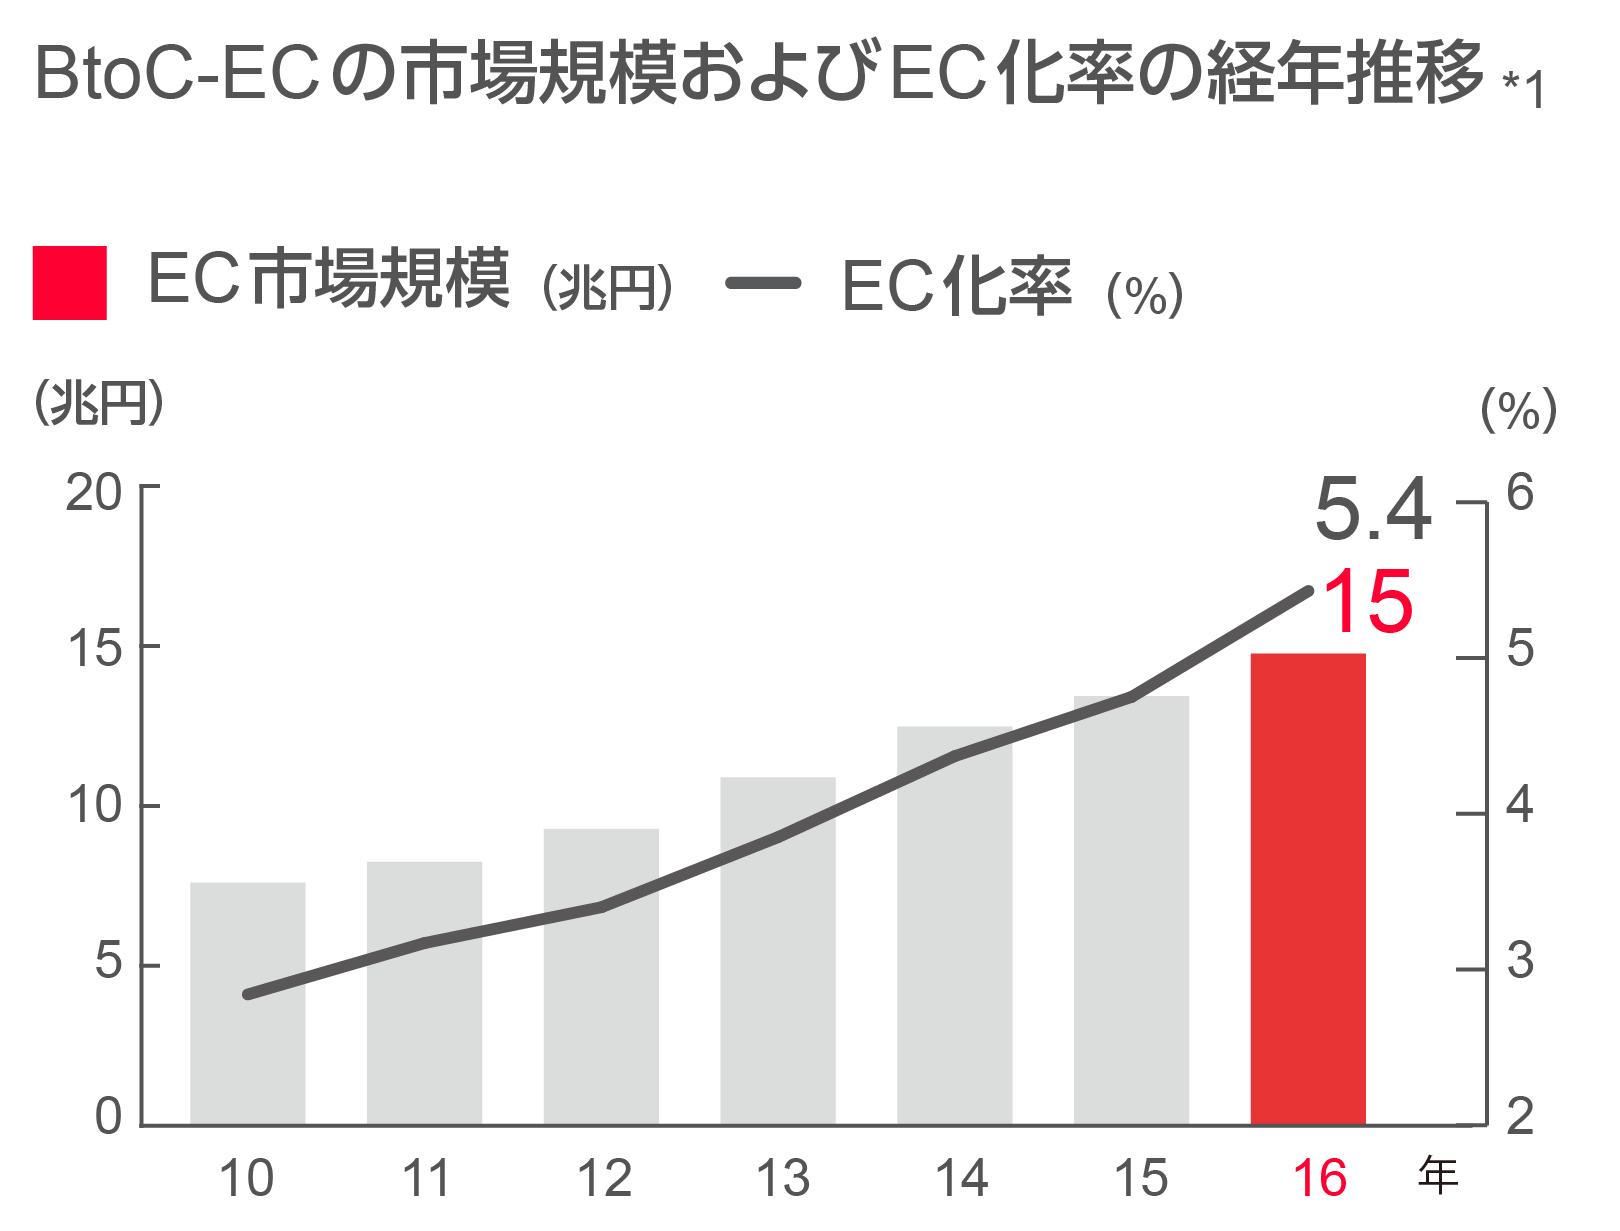 BtoC-EC市場規模およびEC化率の経年推移のグラフ図